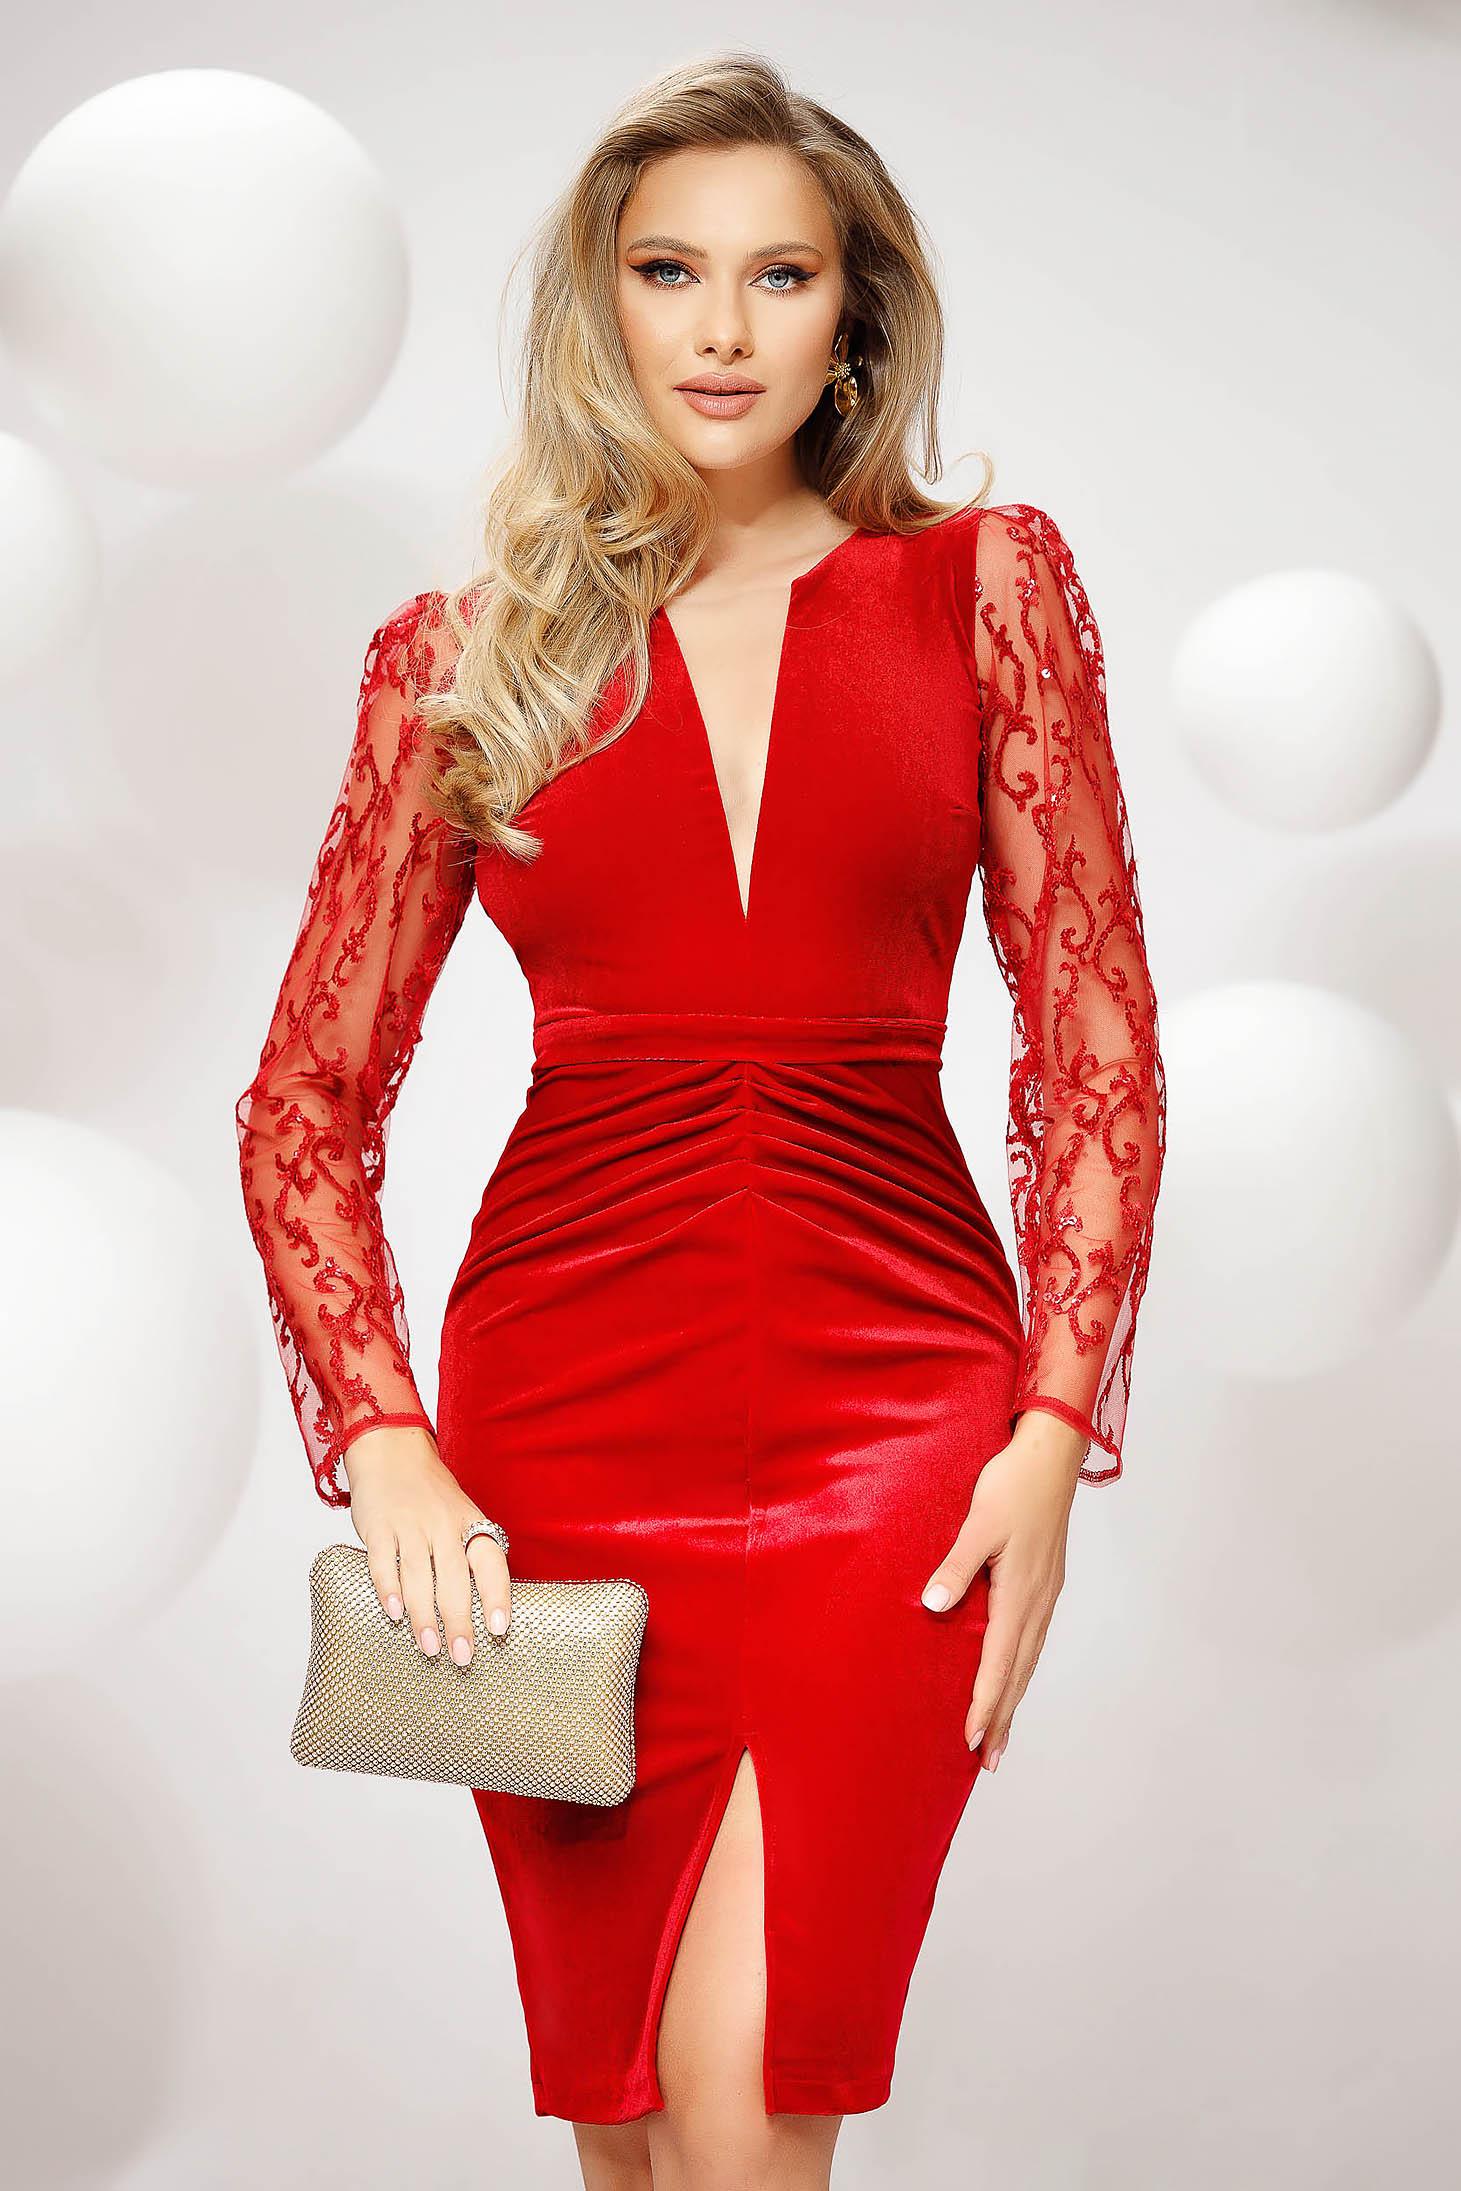 Piros ruha alkalmi bársonyból csipke ujj flitteres díszítéssel eltávolítható övvel ceruza